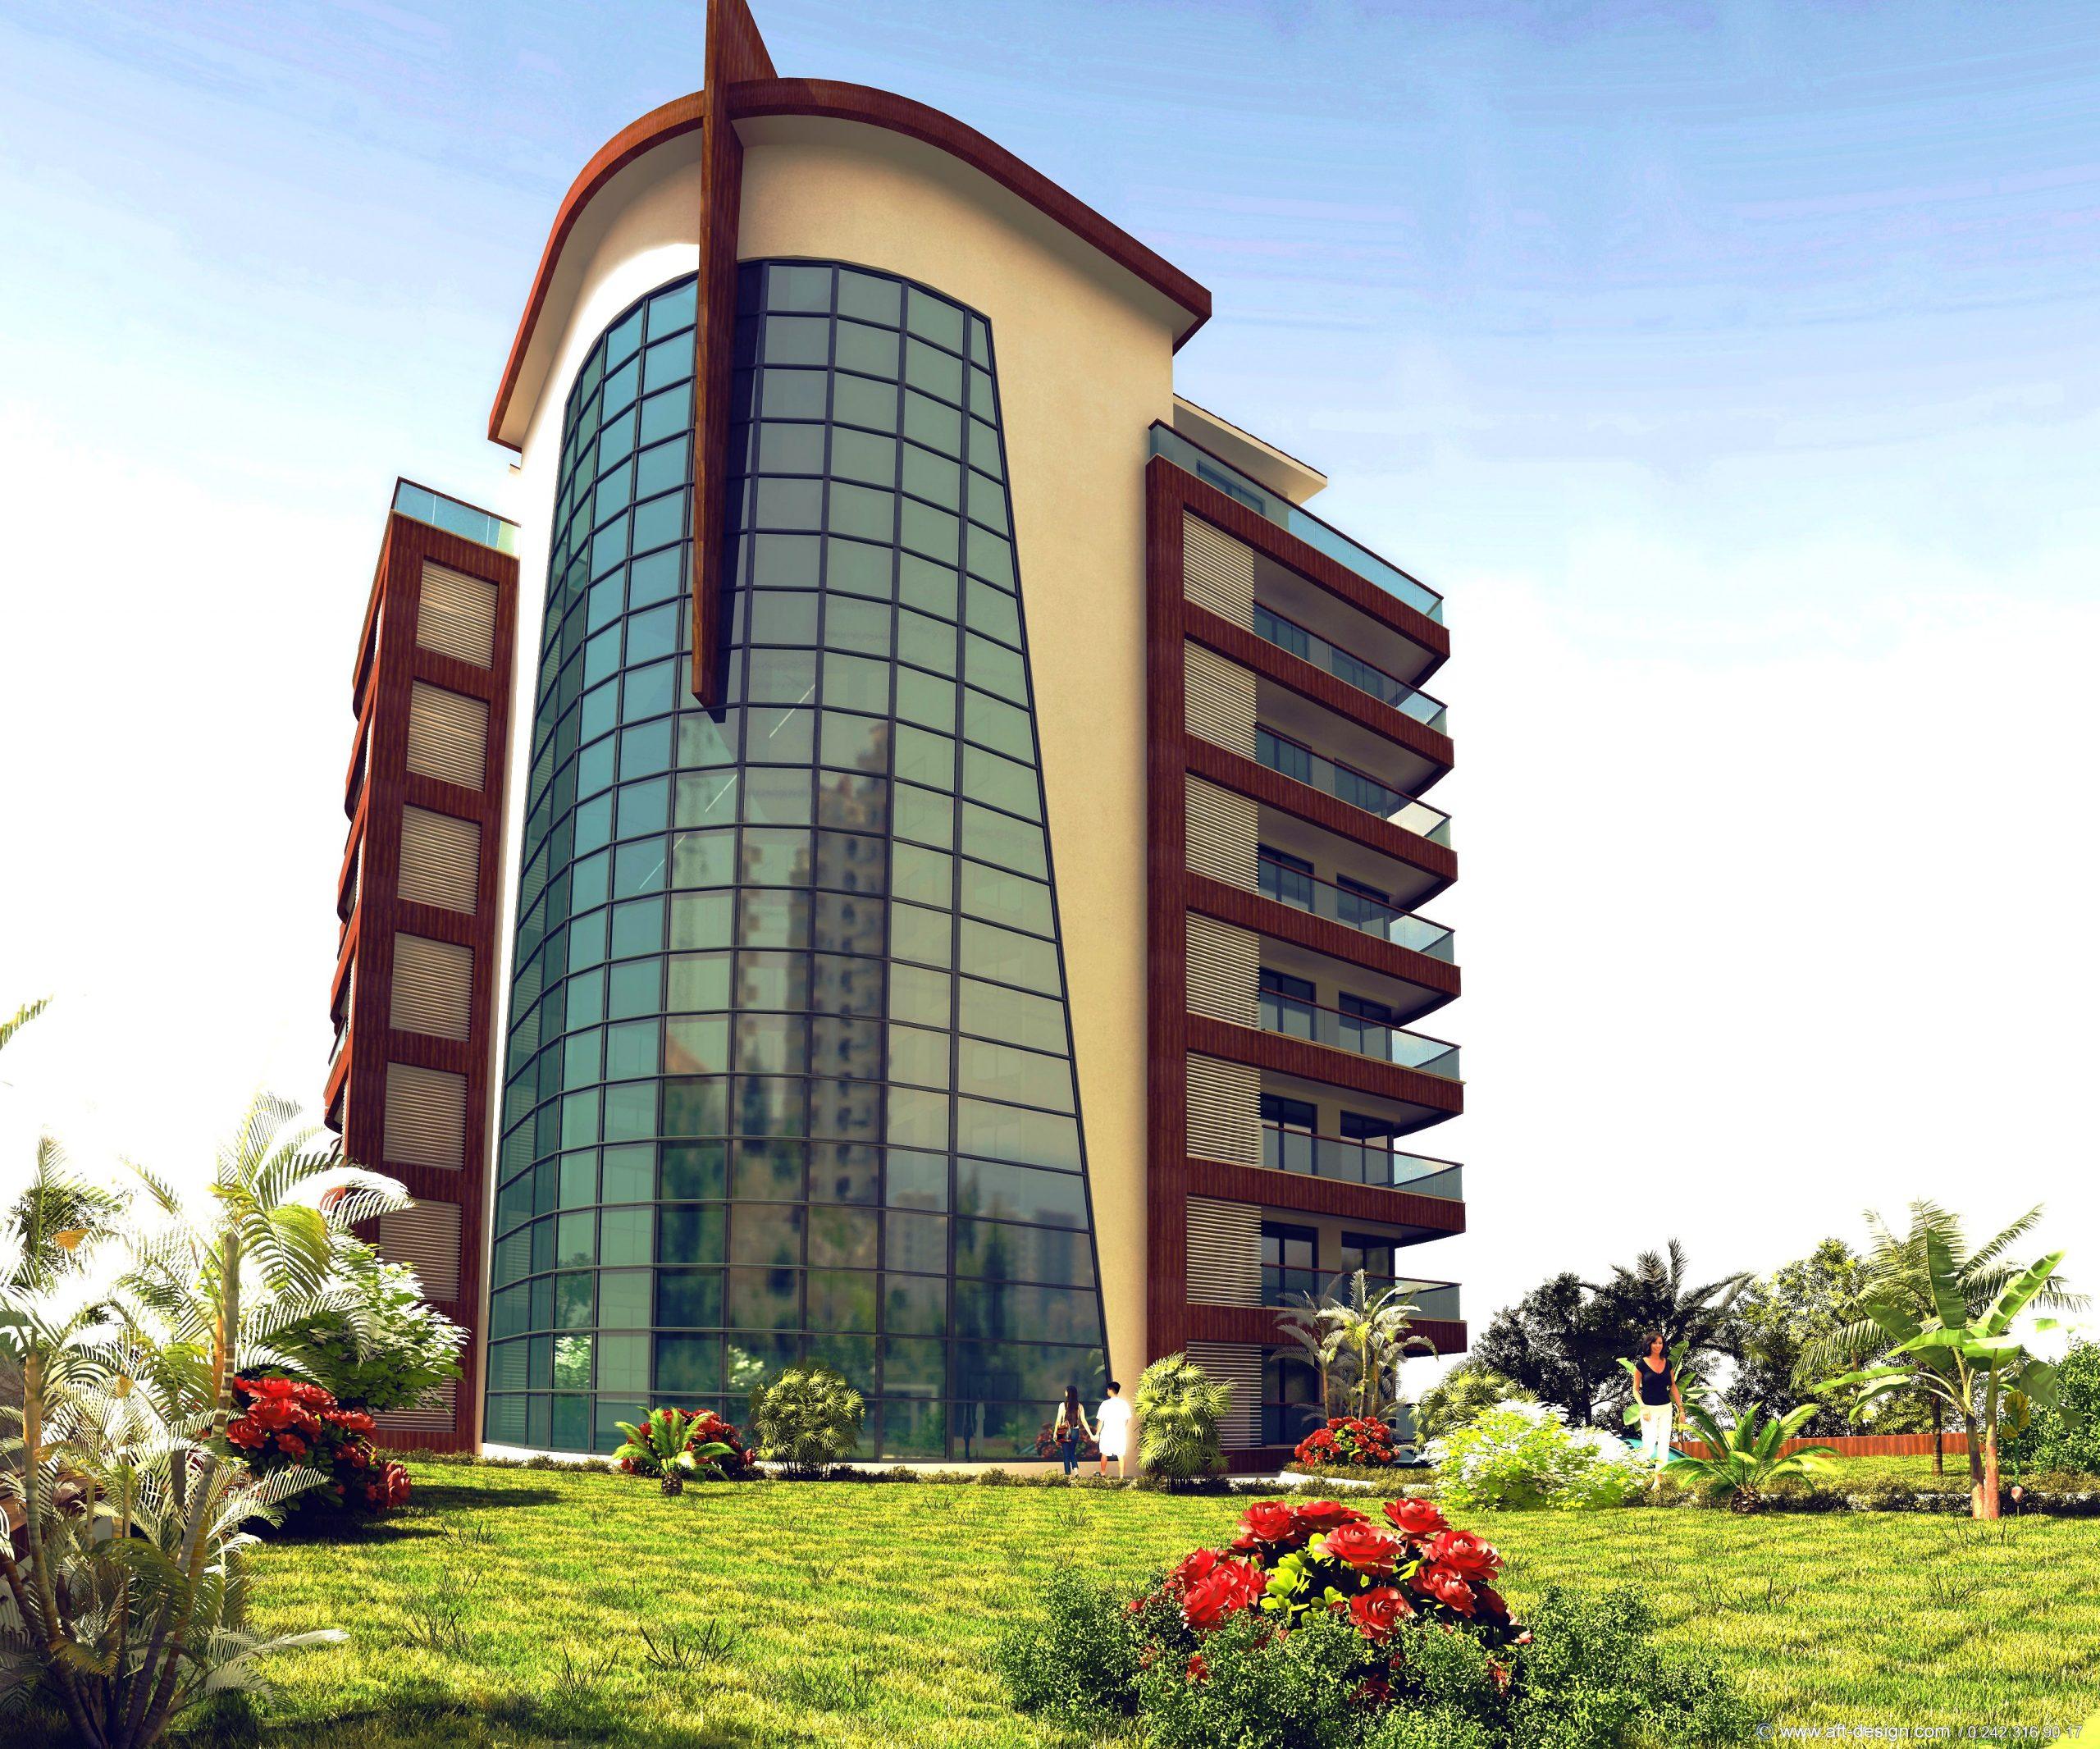 اجاره آپارتمان ۳ طبقه ، طبقه سوم وکیل آباد